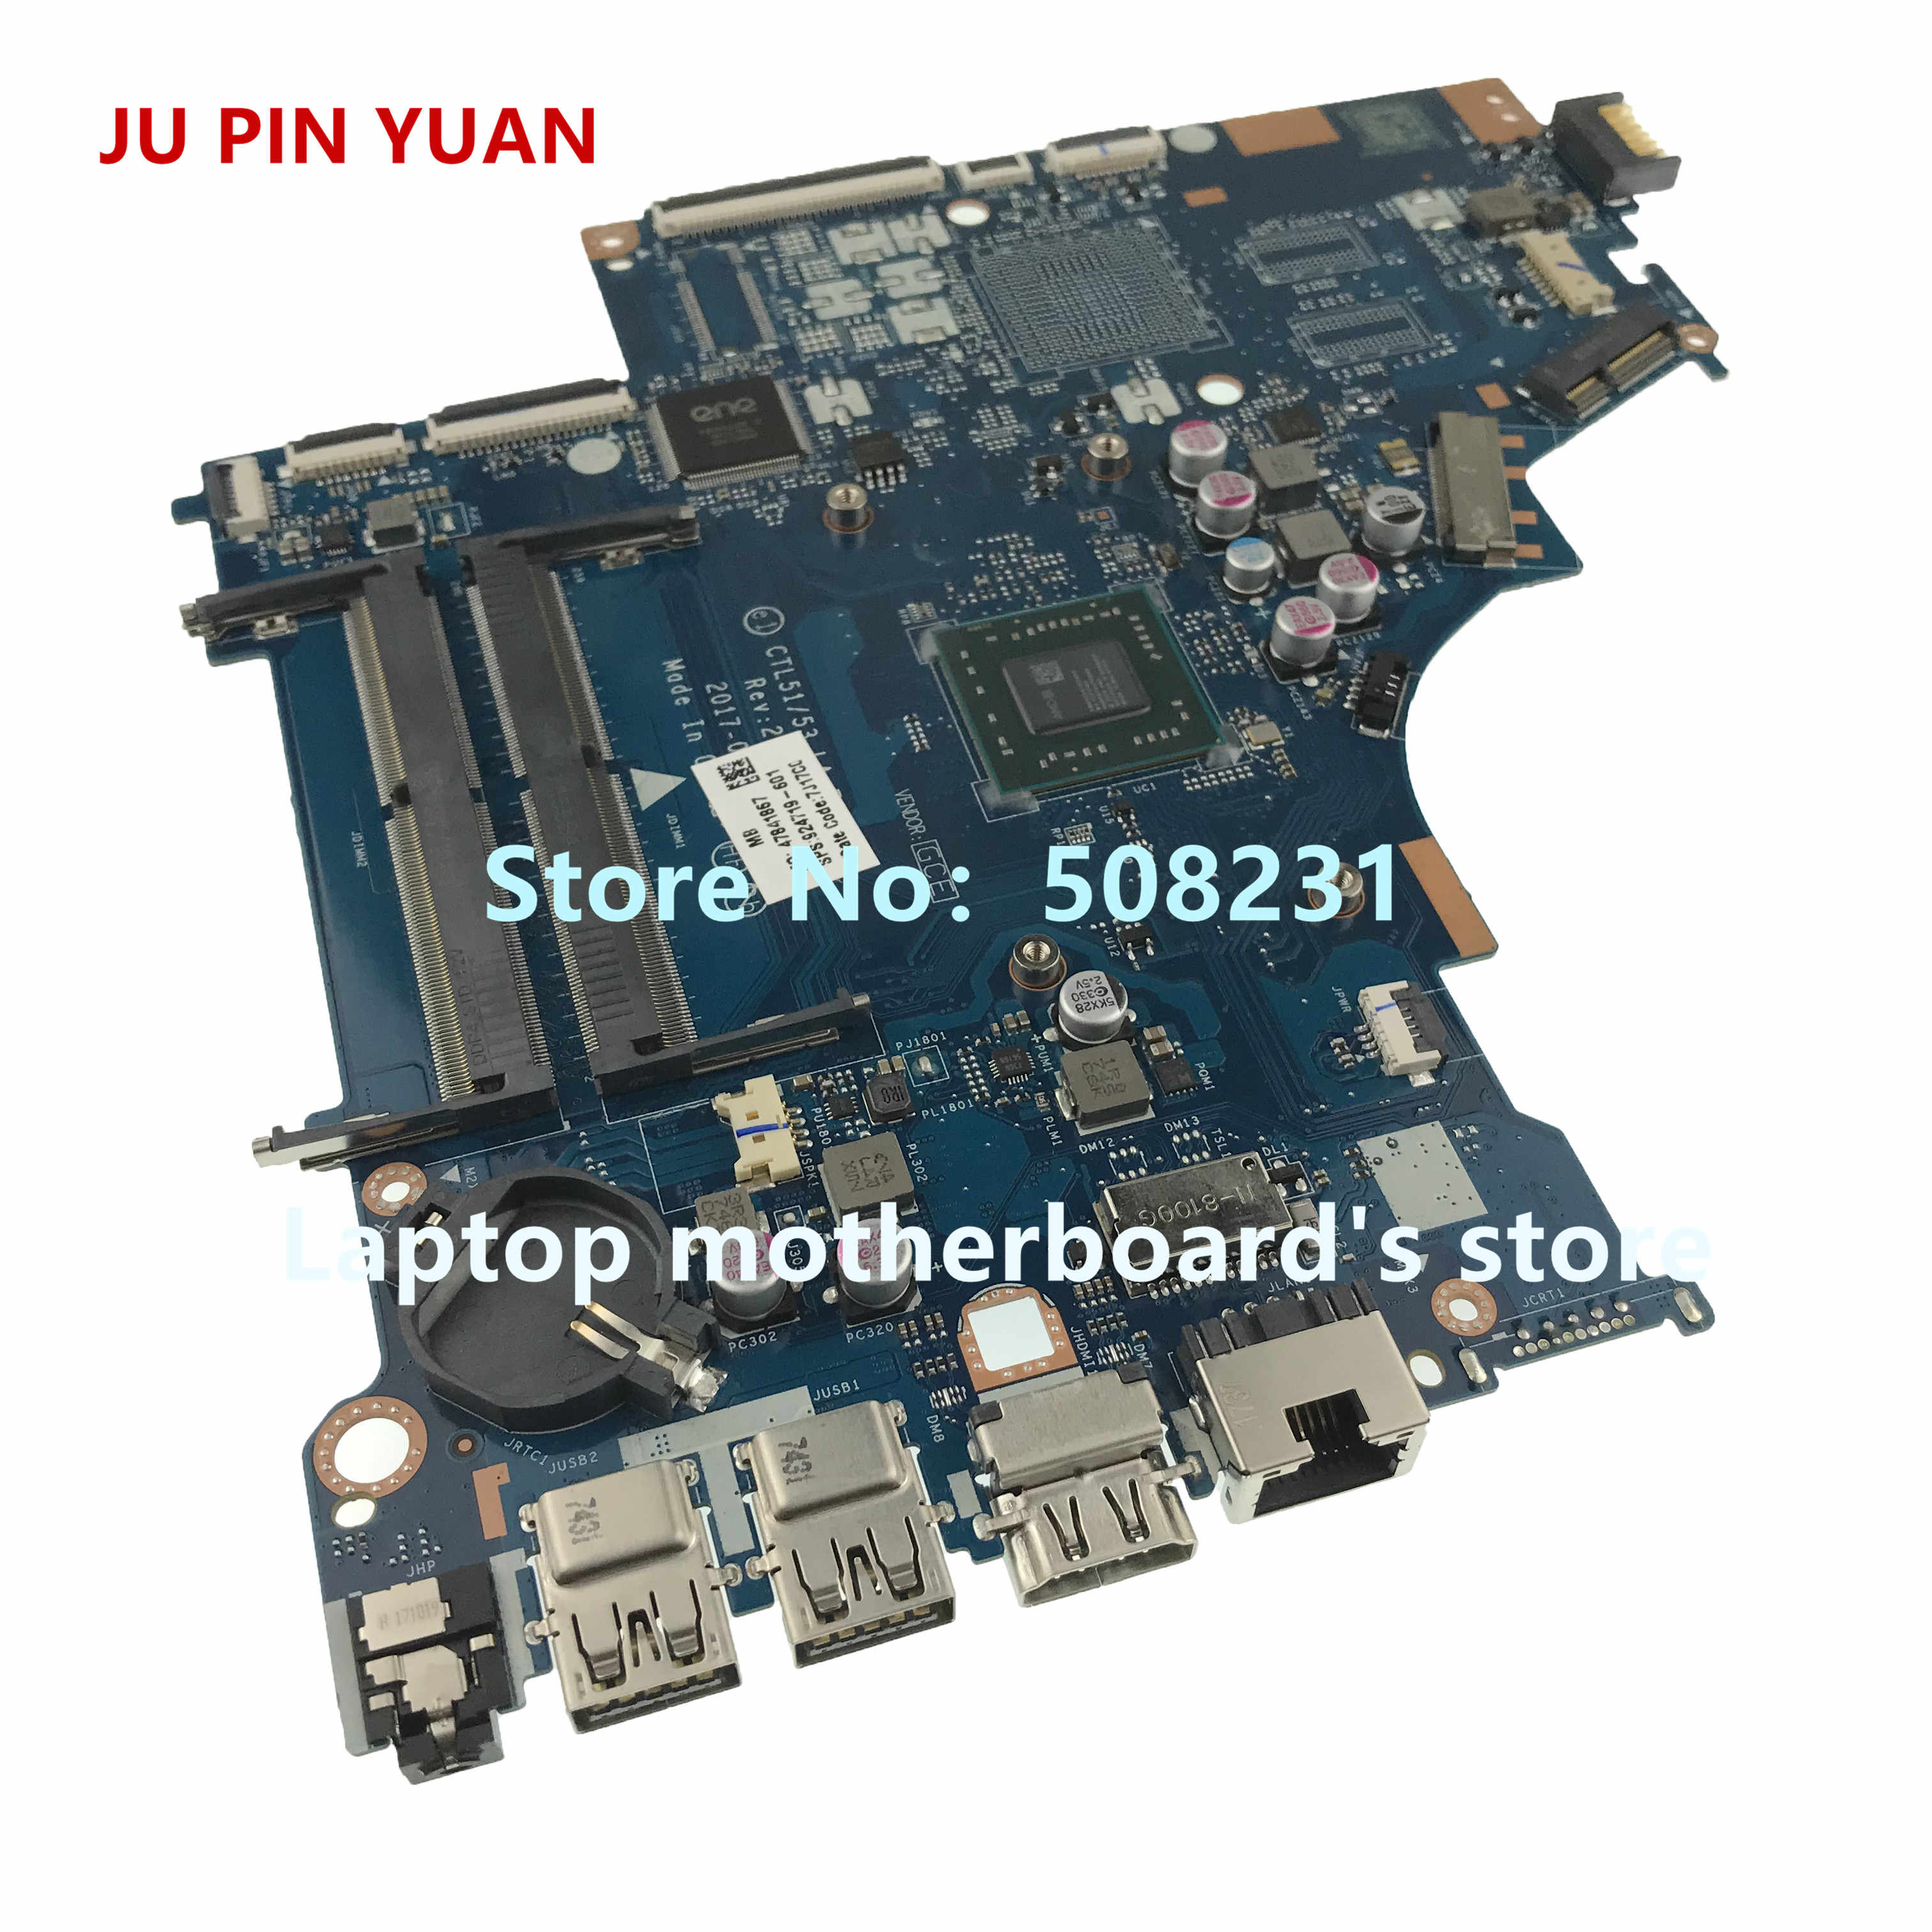 ג 'ו סיכה יואן 924719-601 CTL51/53 LA-E841P mainboard עבור HP מחשב נייד 15-BW 15-BW080NR מחשב נייד האם A9-9420P באופן מלא נבדק